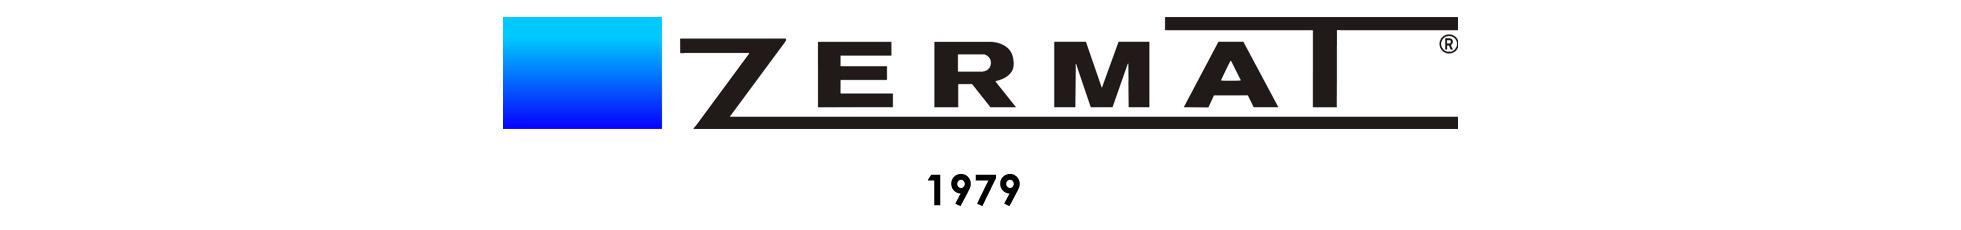 vector_Logo_ZERMAT